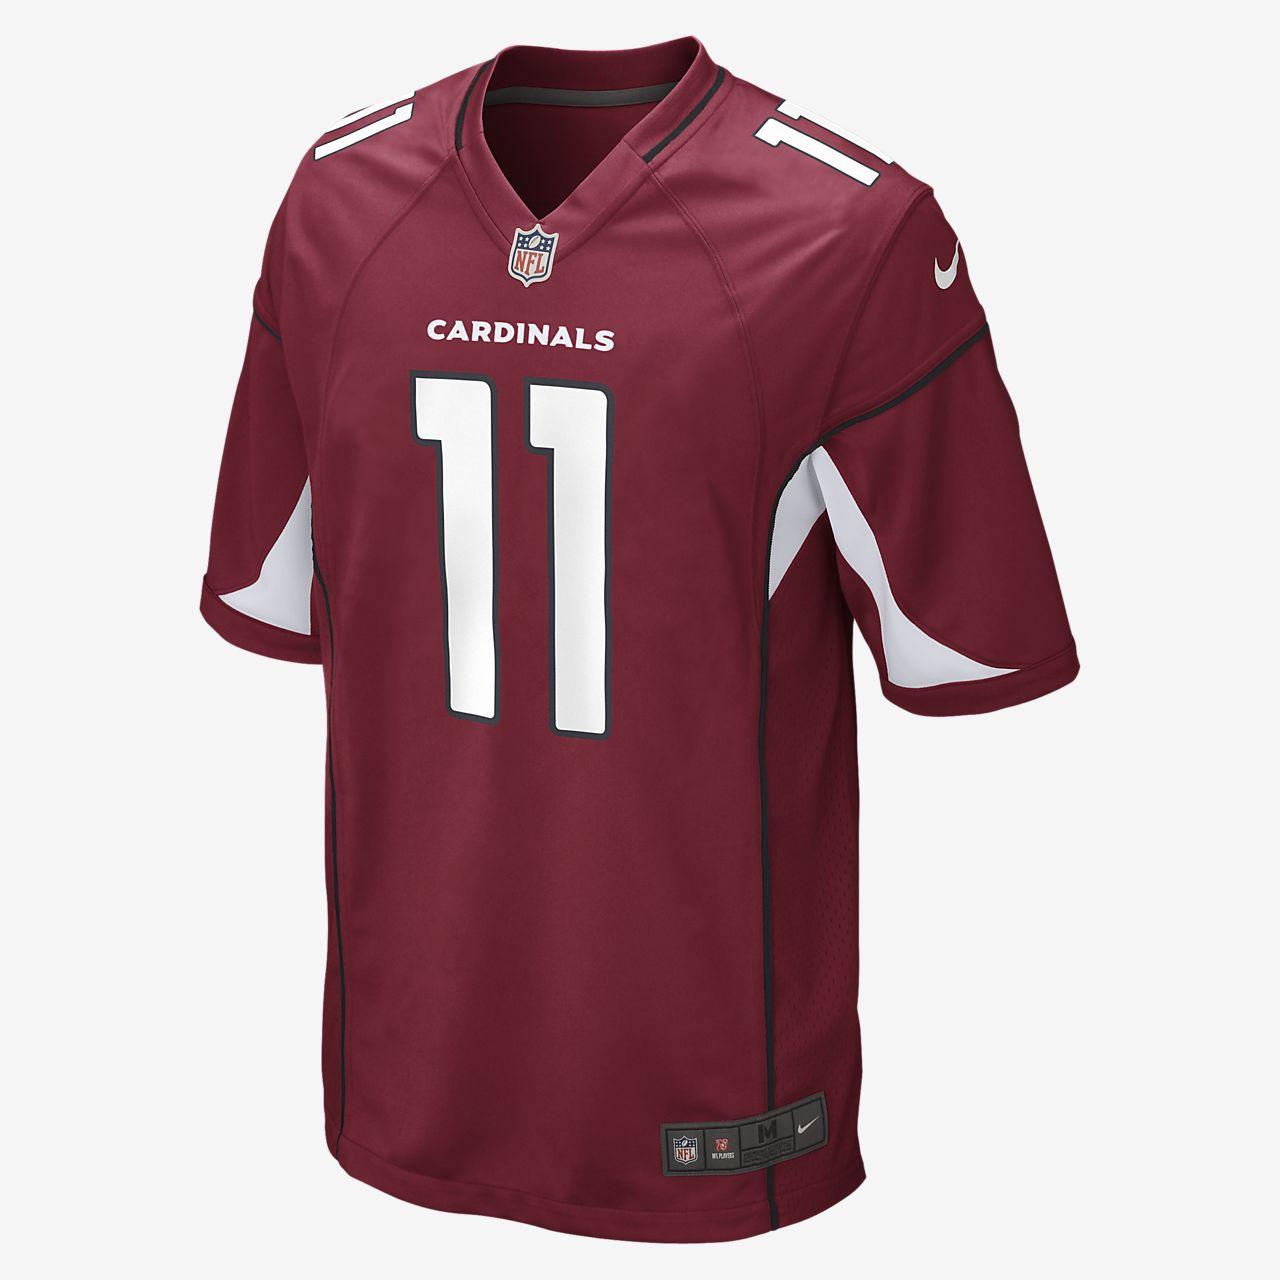 ba47b91e2bd58 ... Camiseta oficial de fútbol americano para hombre NFL Arizona Cardinals  (Larry Fitzgerald) de local